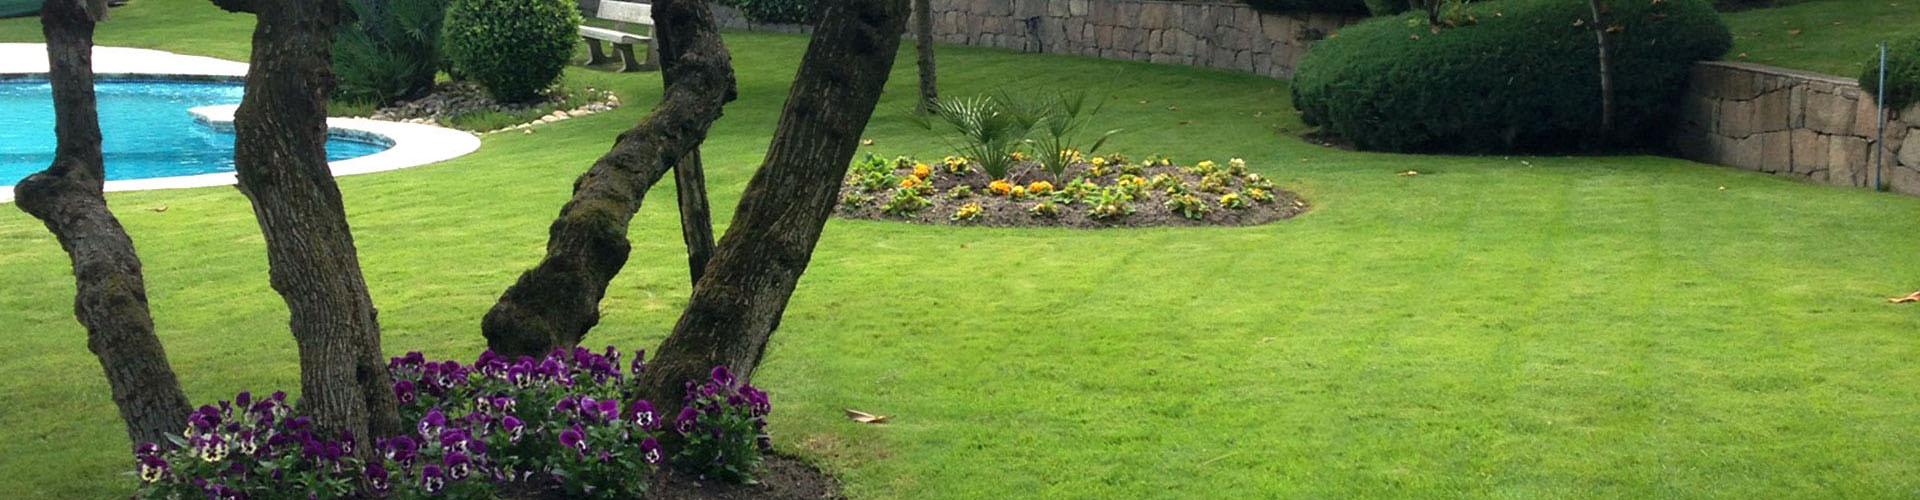 Paisajismo y Mantenimiento de jardines en Madrid Jardinea